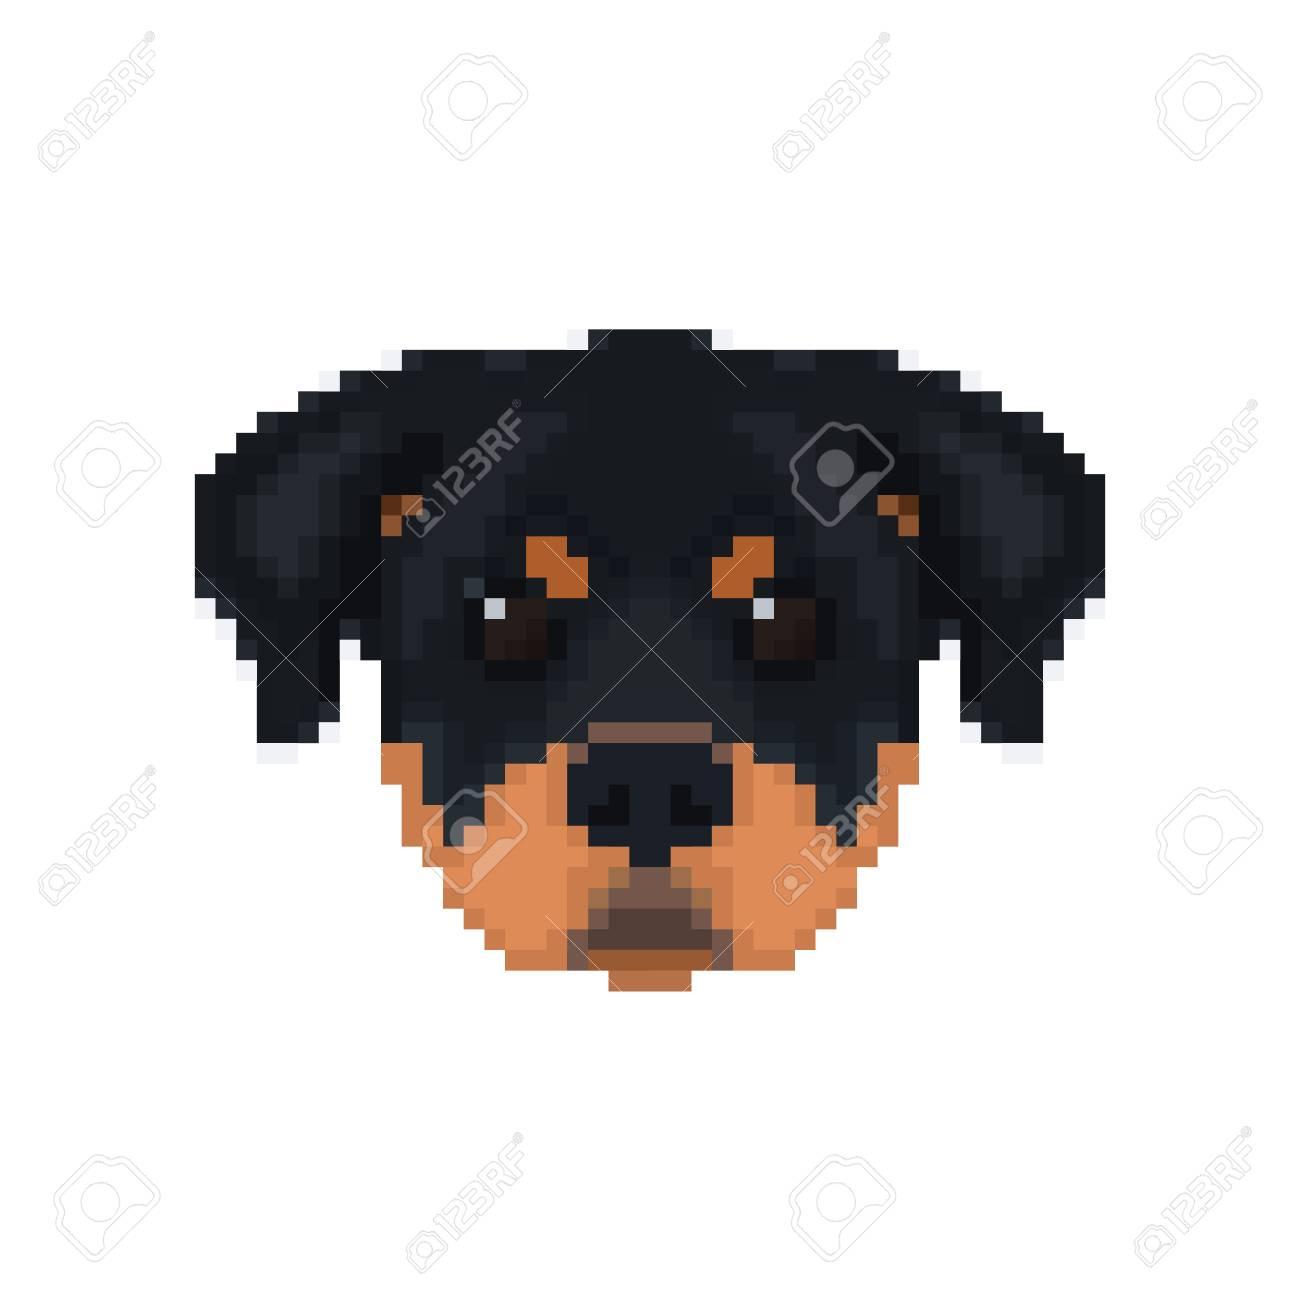 Tête De Rottweiler En Style Pixel Art Illustration Vectorielle De Chien